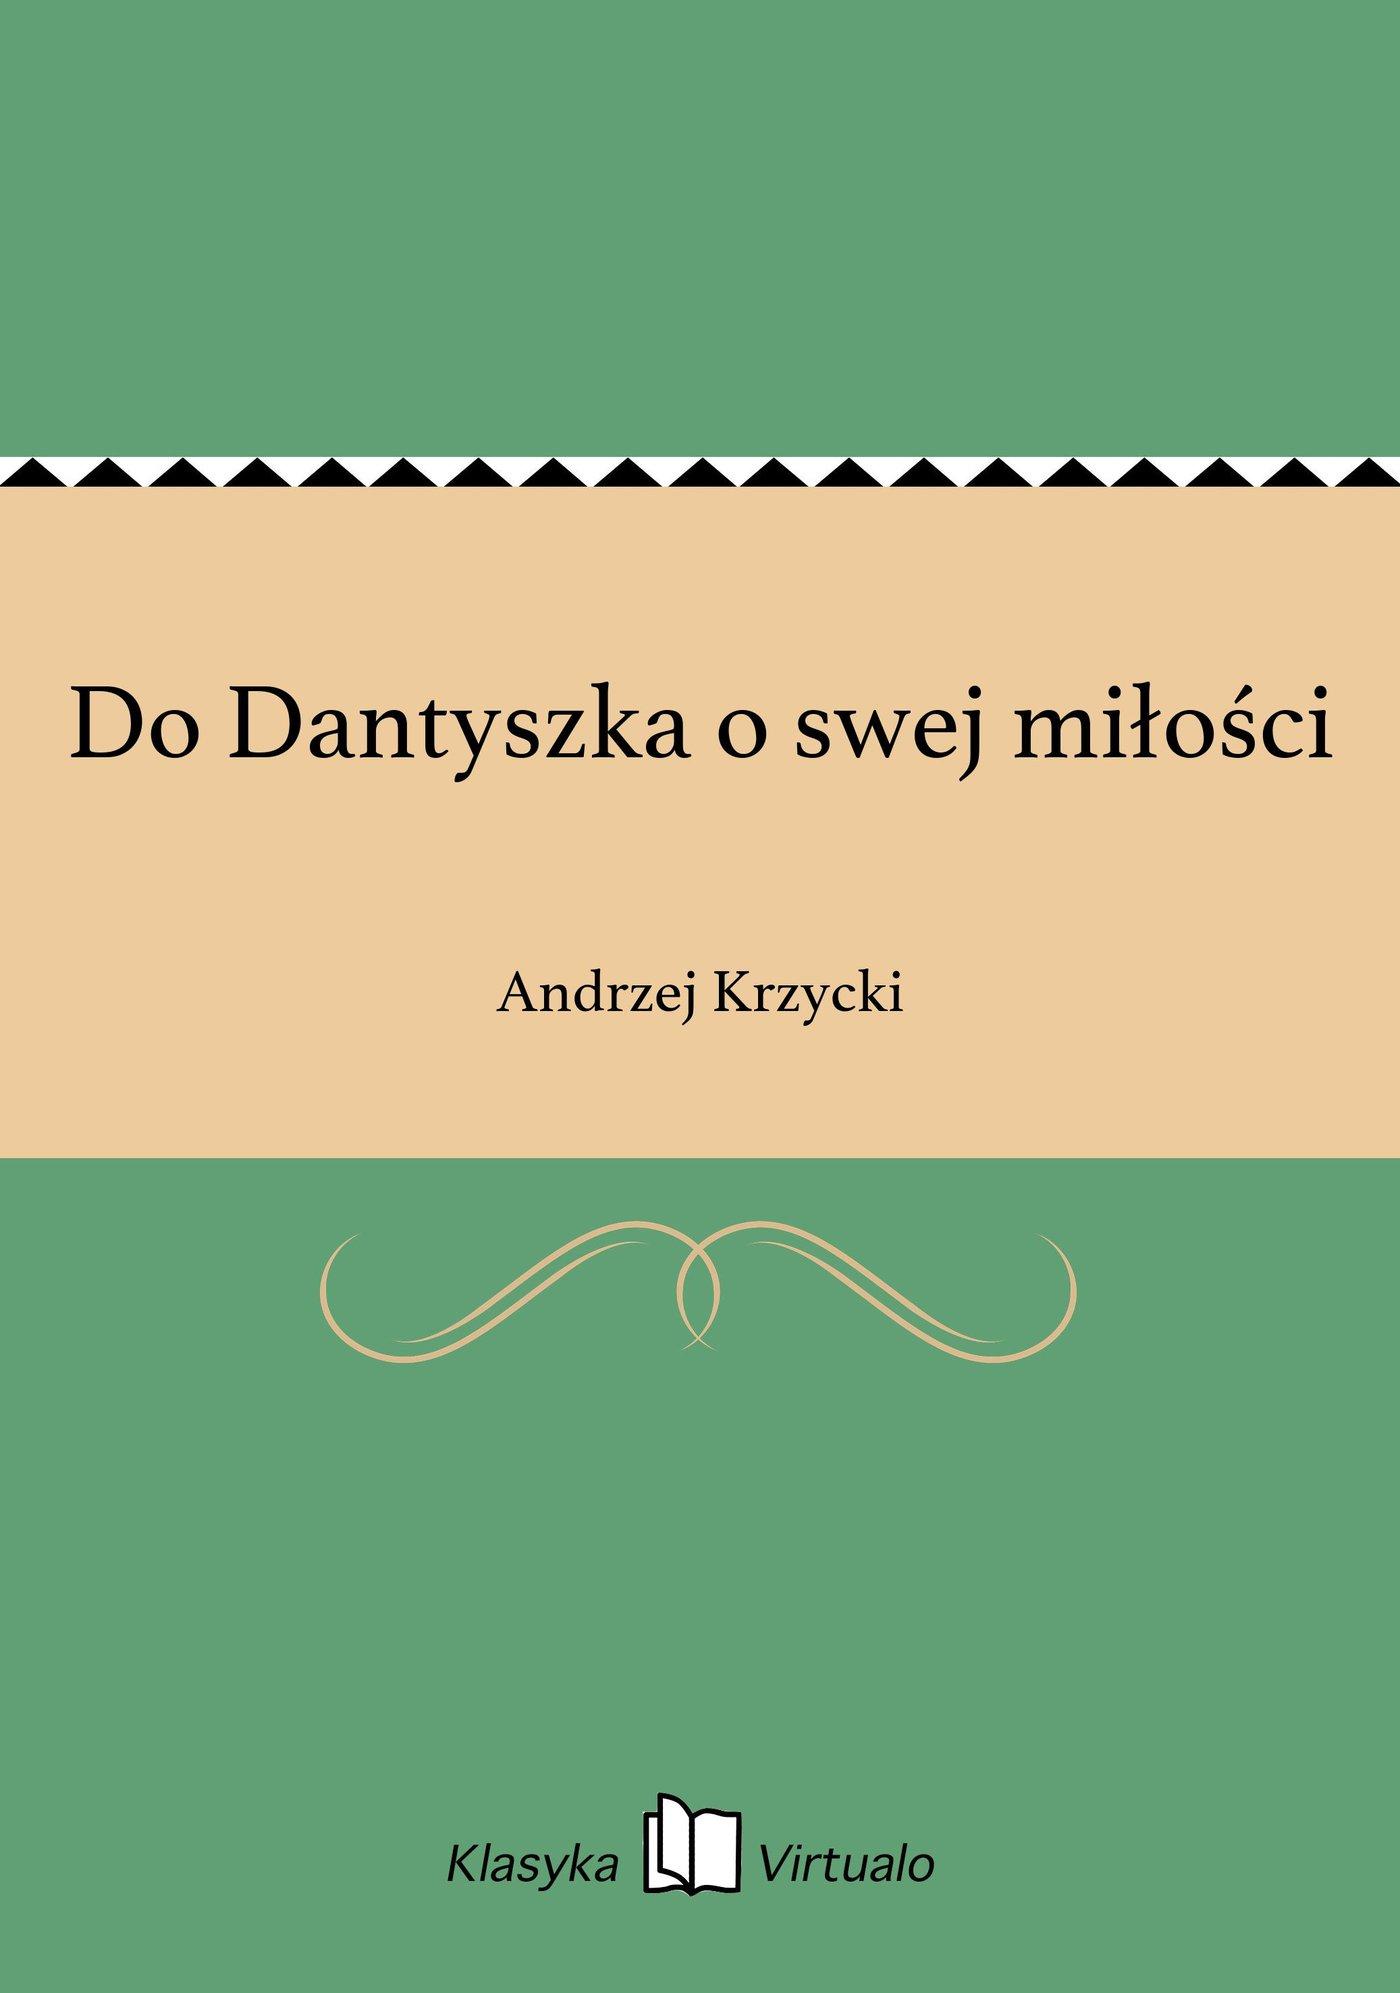 Do Dantyszka o swej miłości - Ebook (Książka EPUB) do pobrania w formacie EPUB